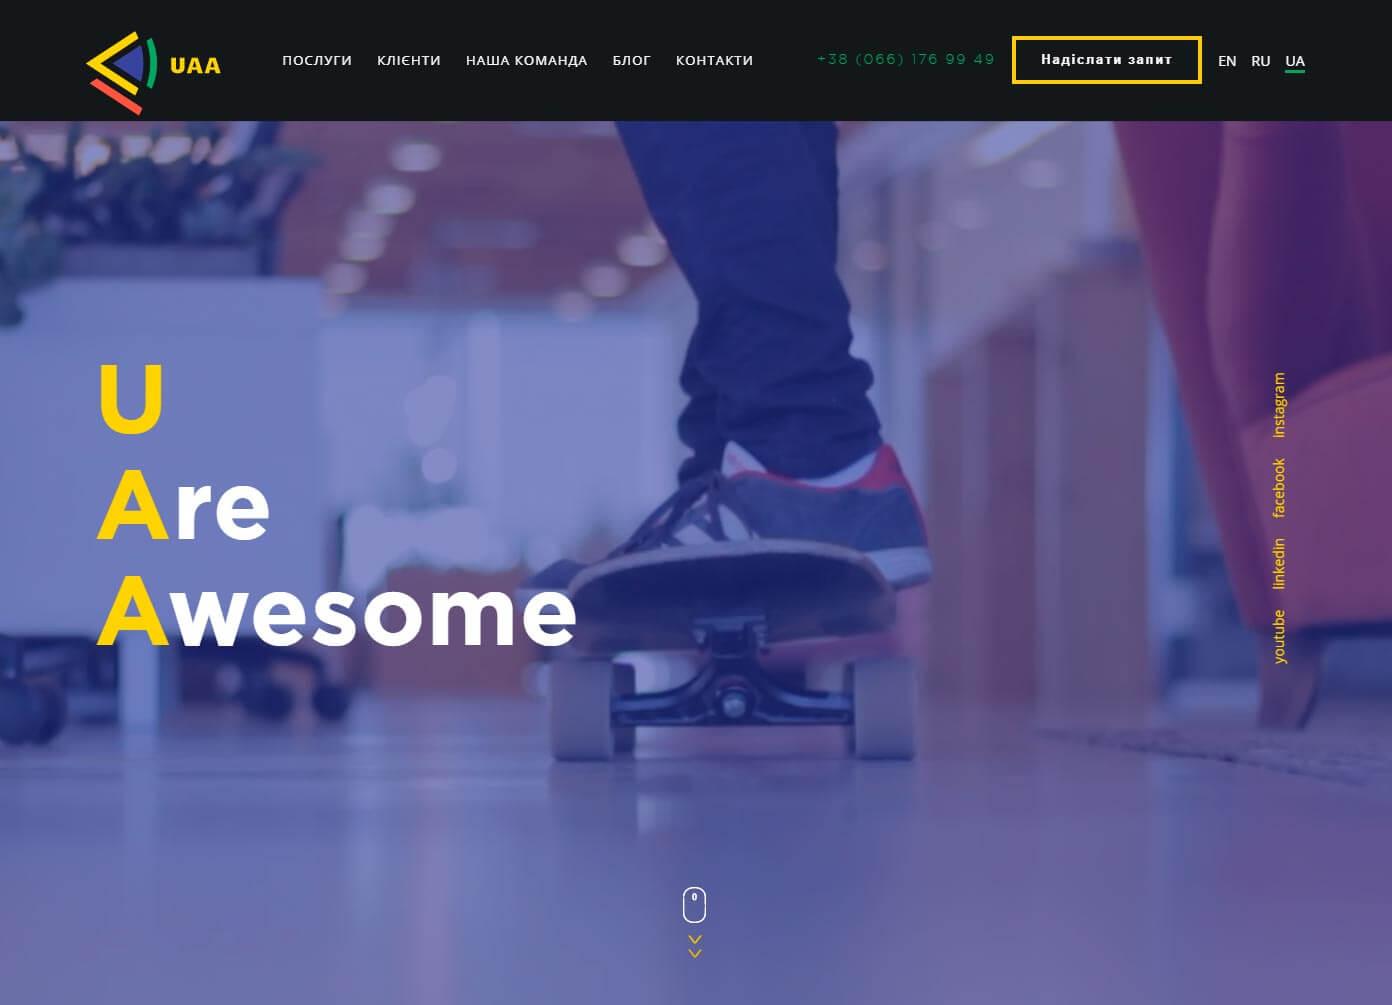 UAATEAM - обзор компании, услуги, отзывы, клиенты, Фото № 1 - google-seo.pro